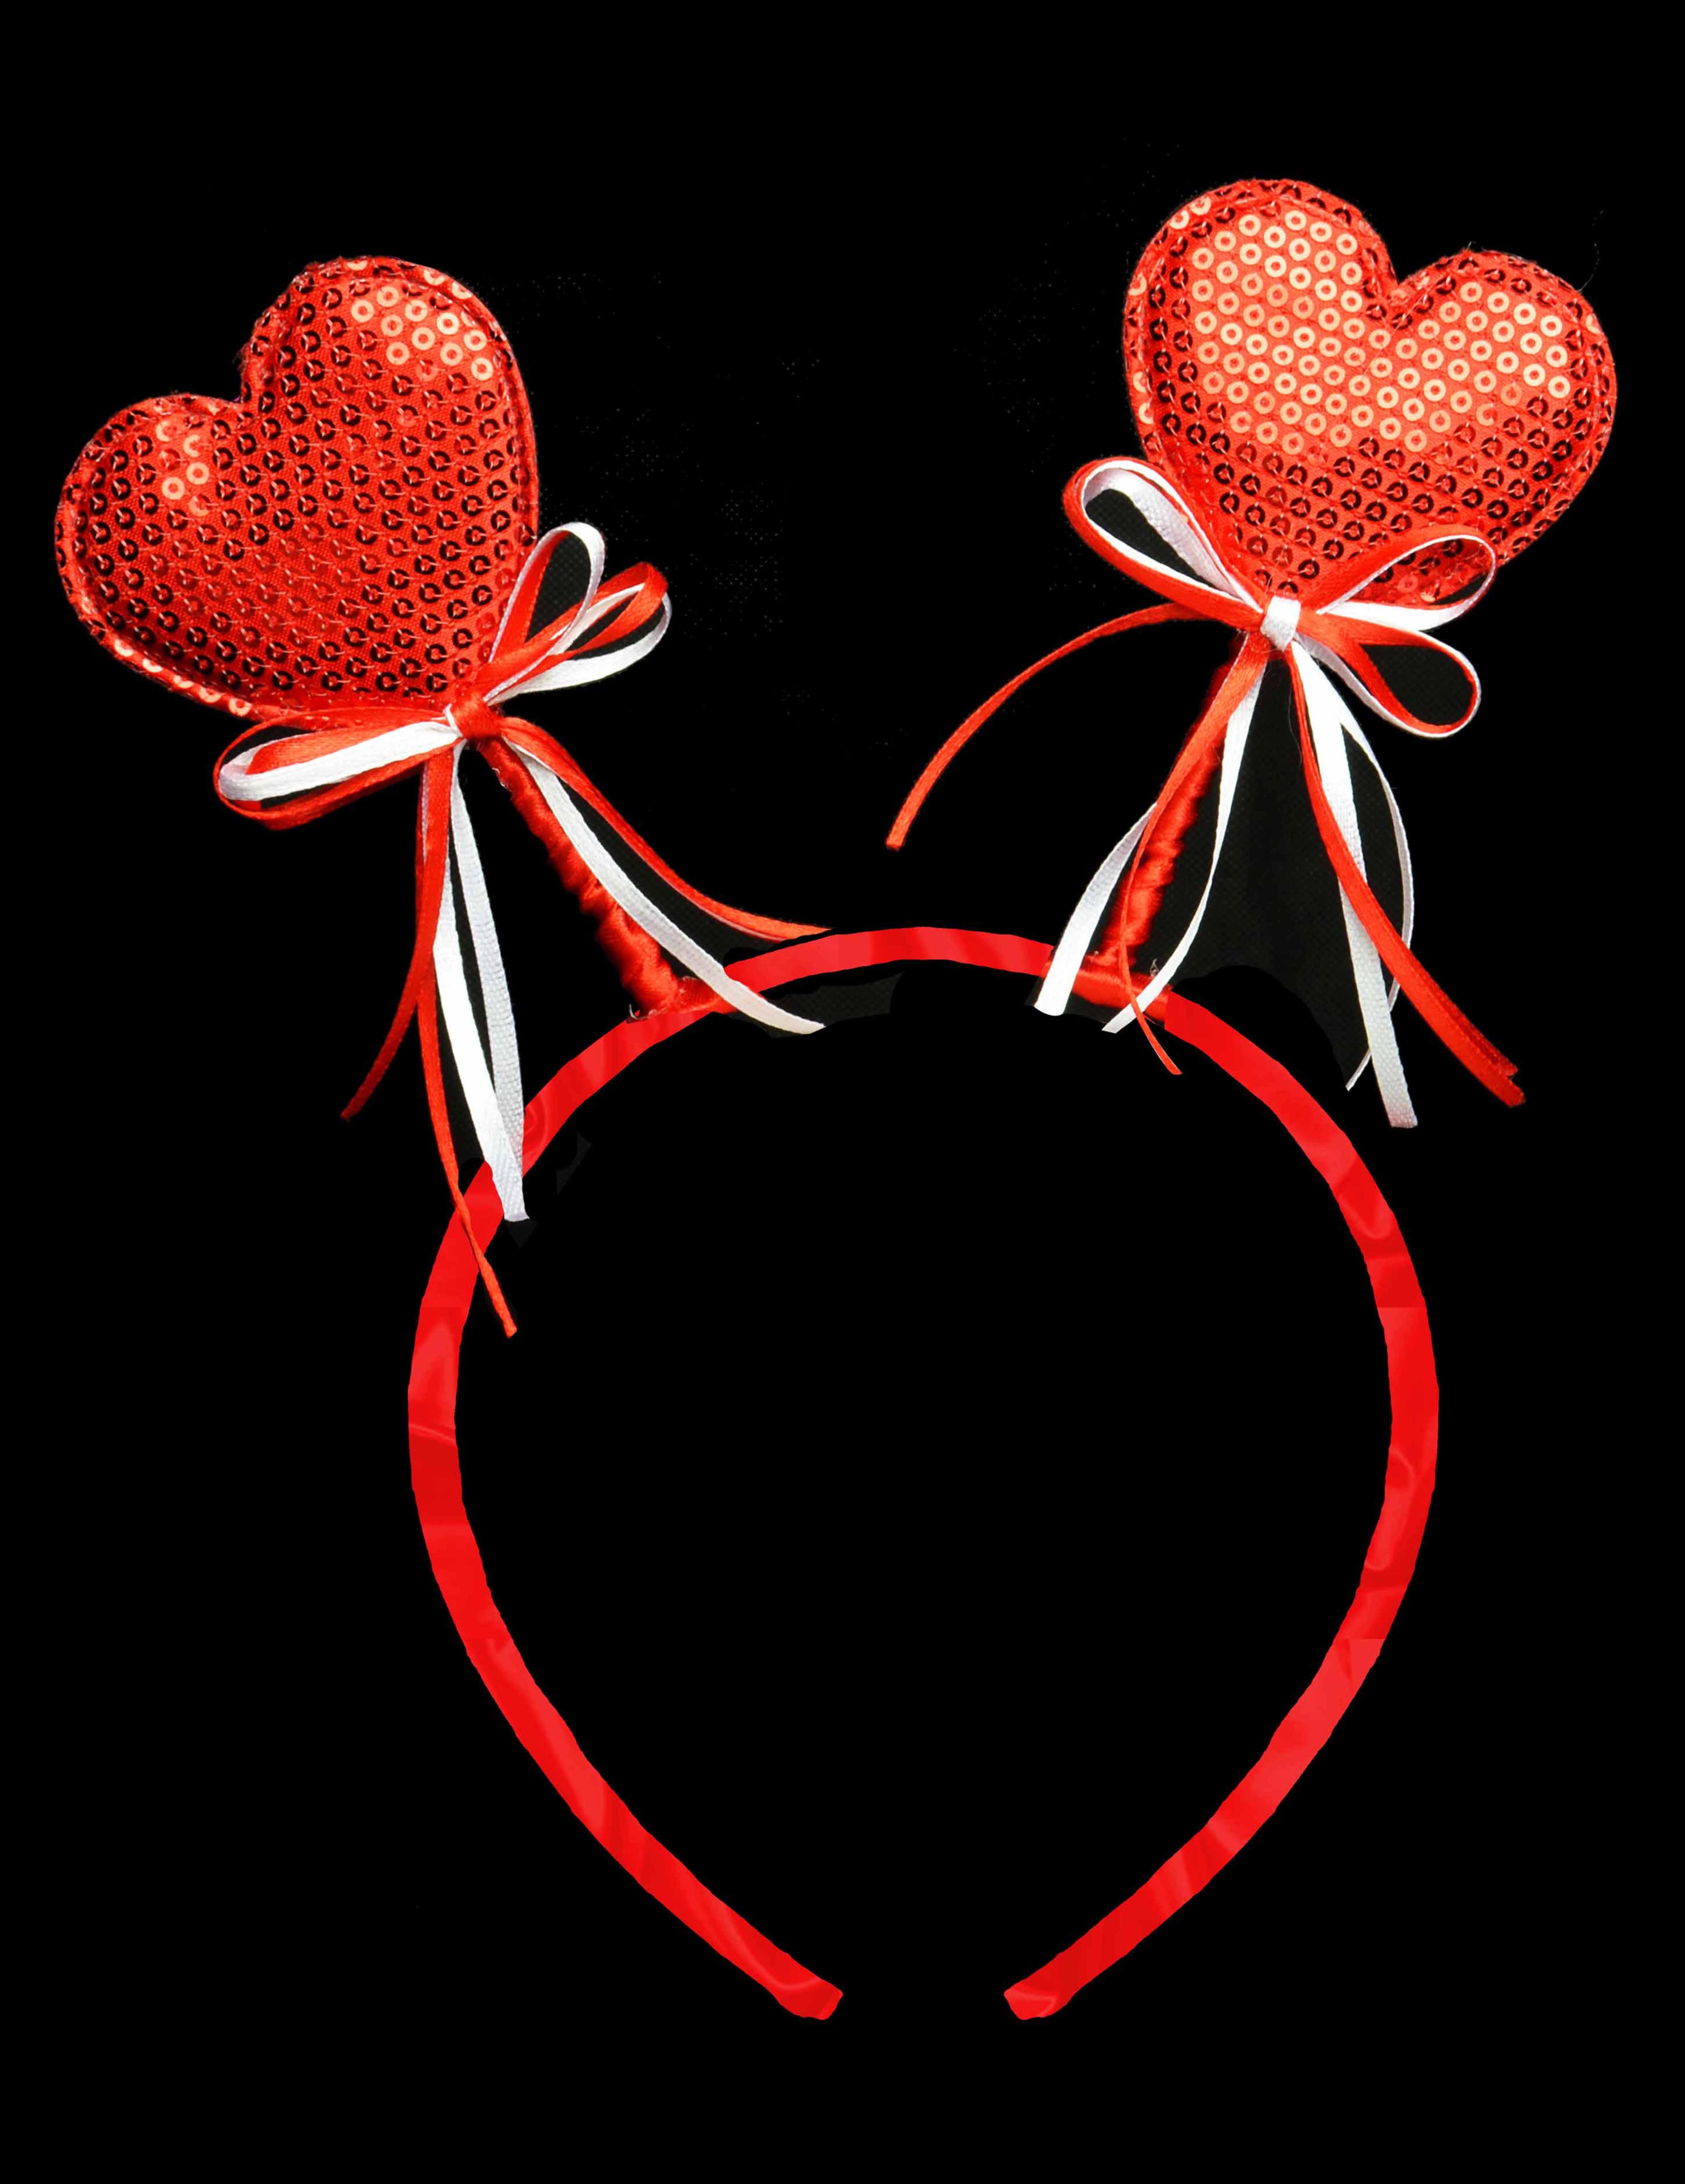 Heart Shaped Head Boppers